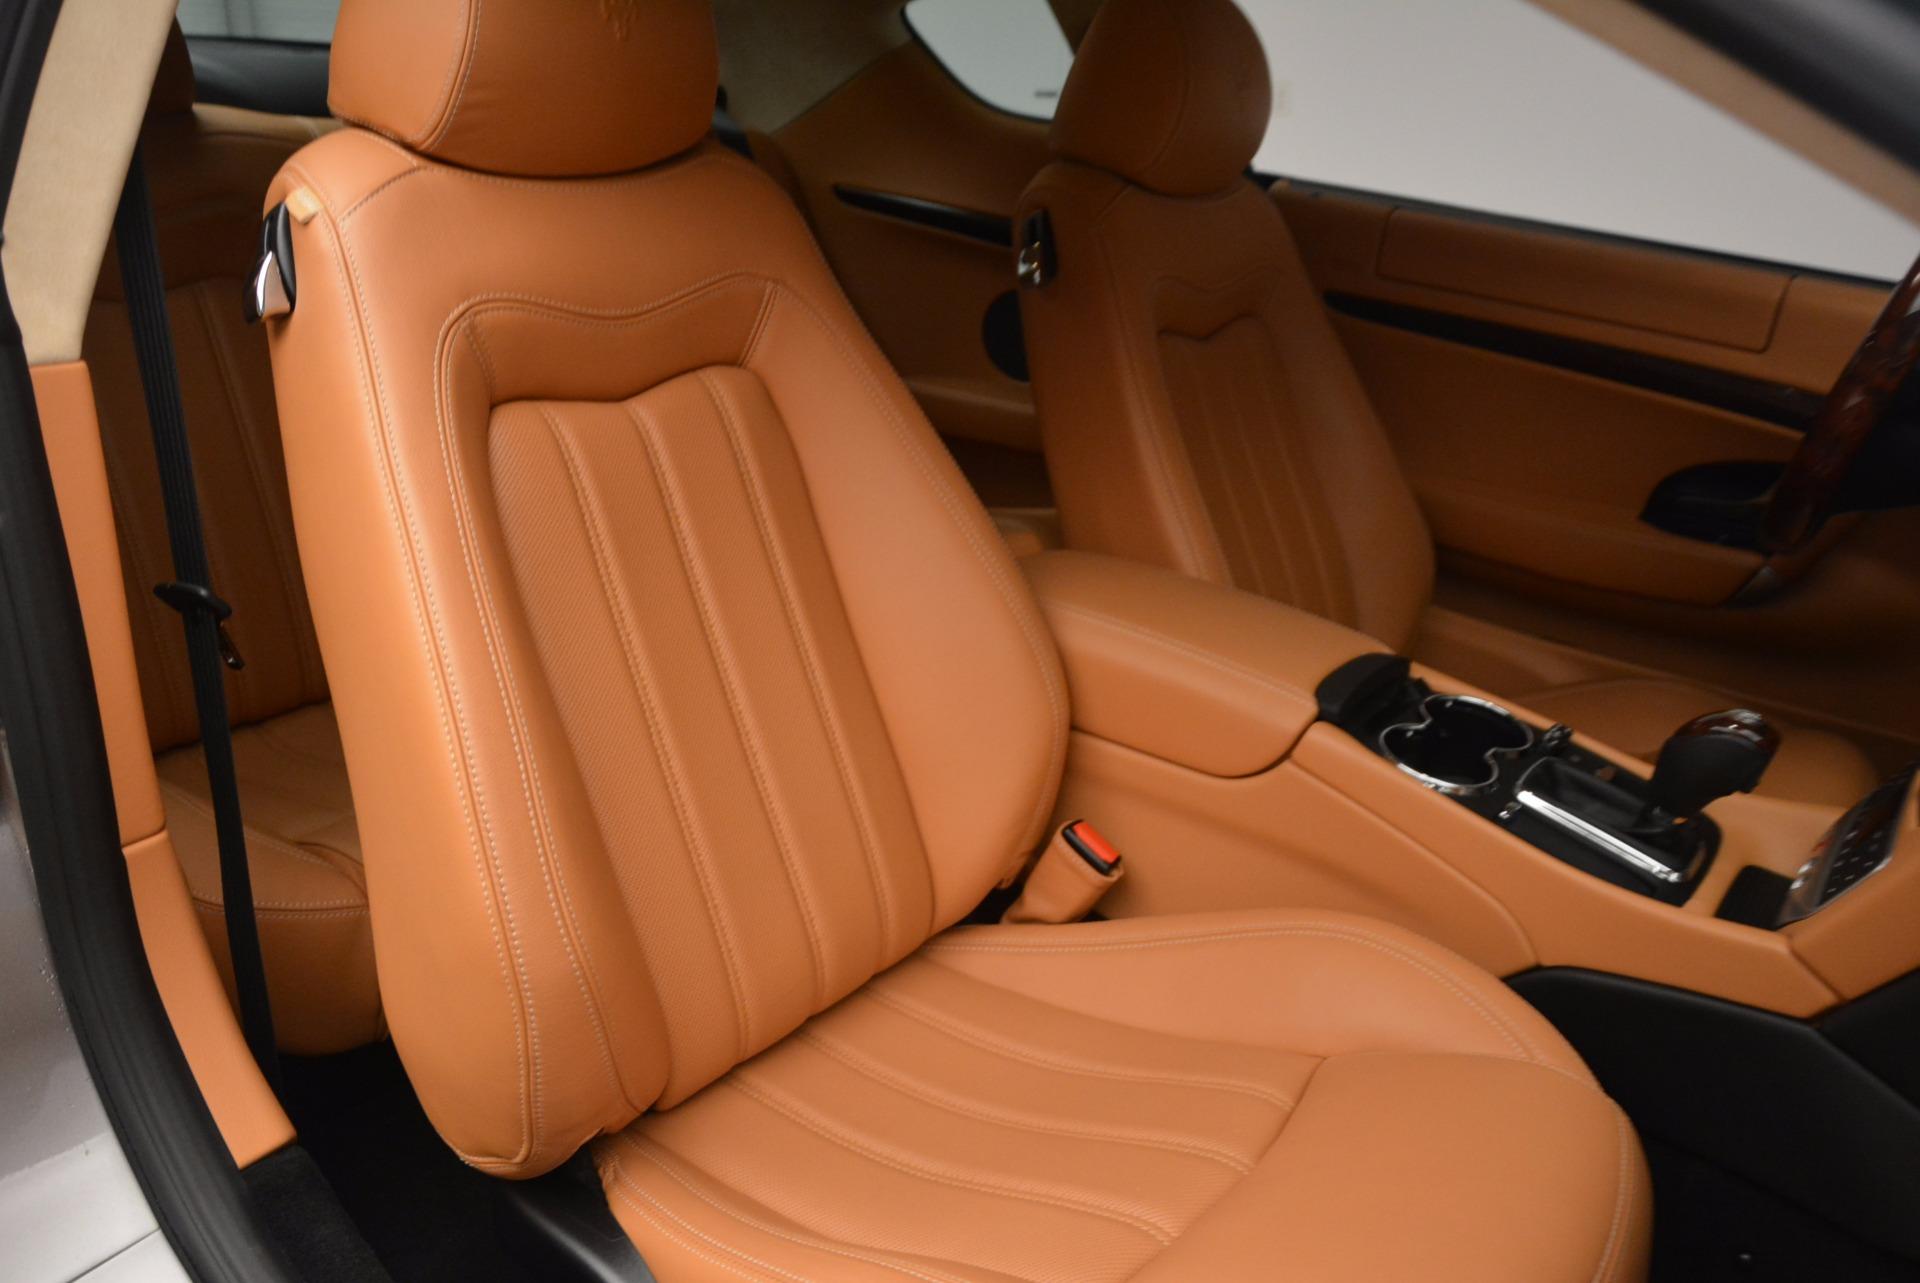 Used 2009 Maserati GranTurismo S For Sale In Greenwich, CT 1063_p19